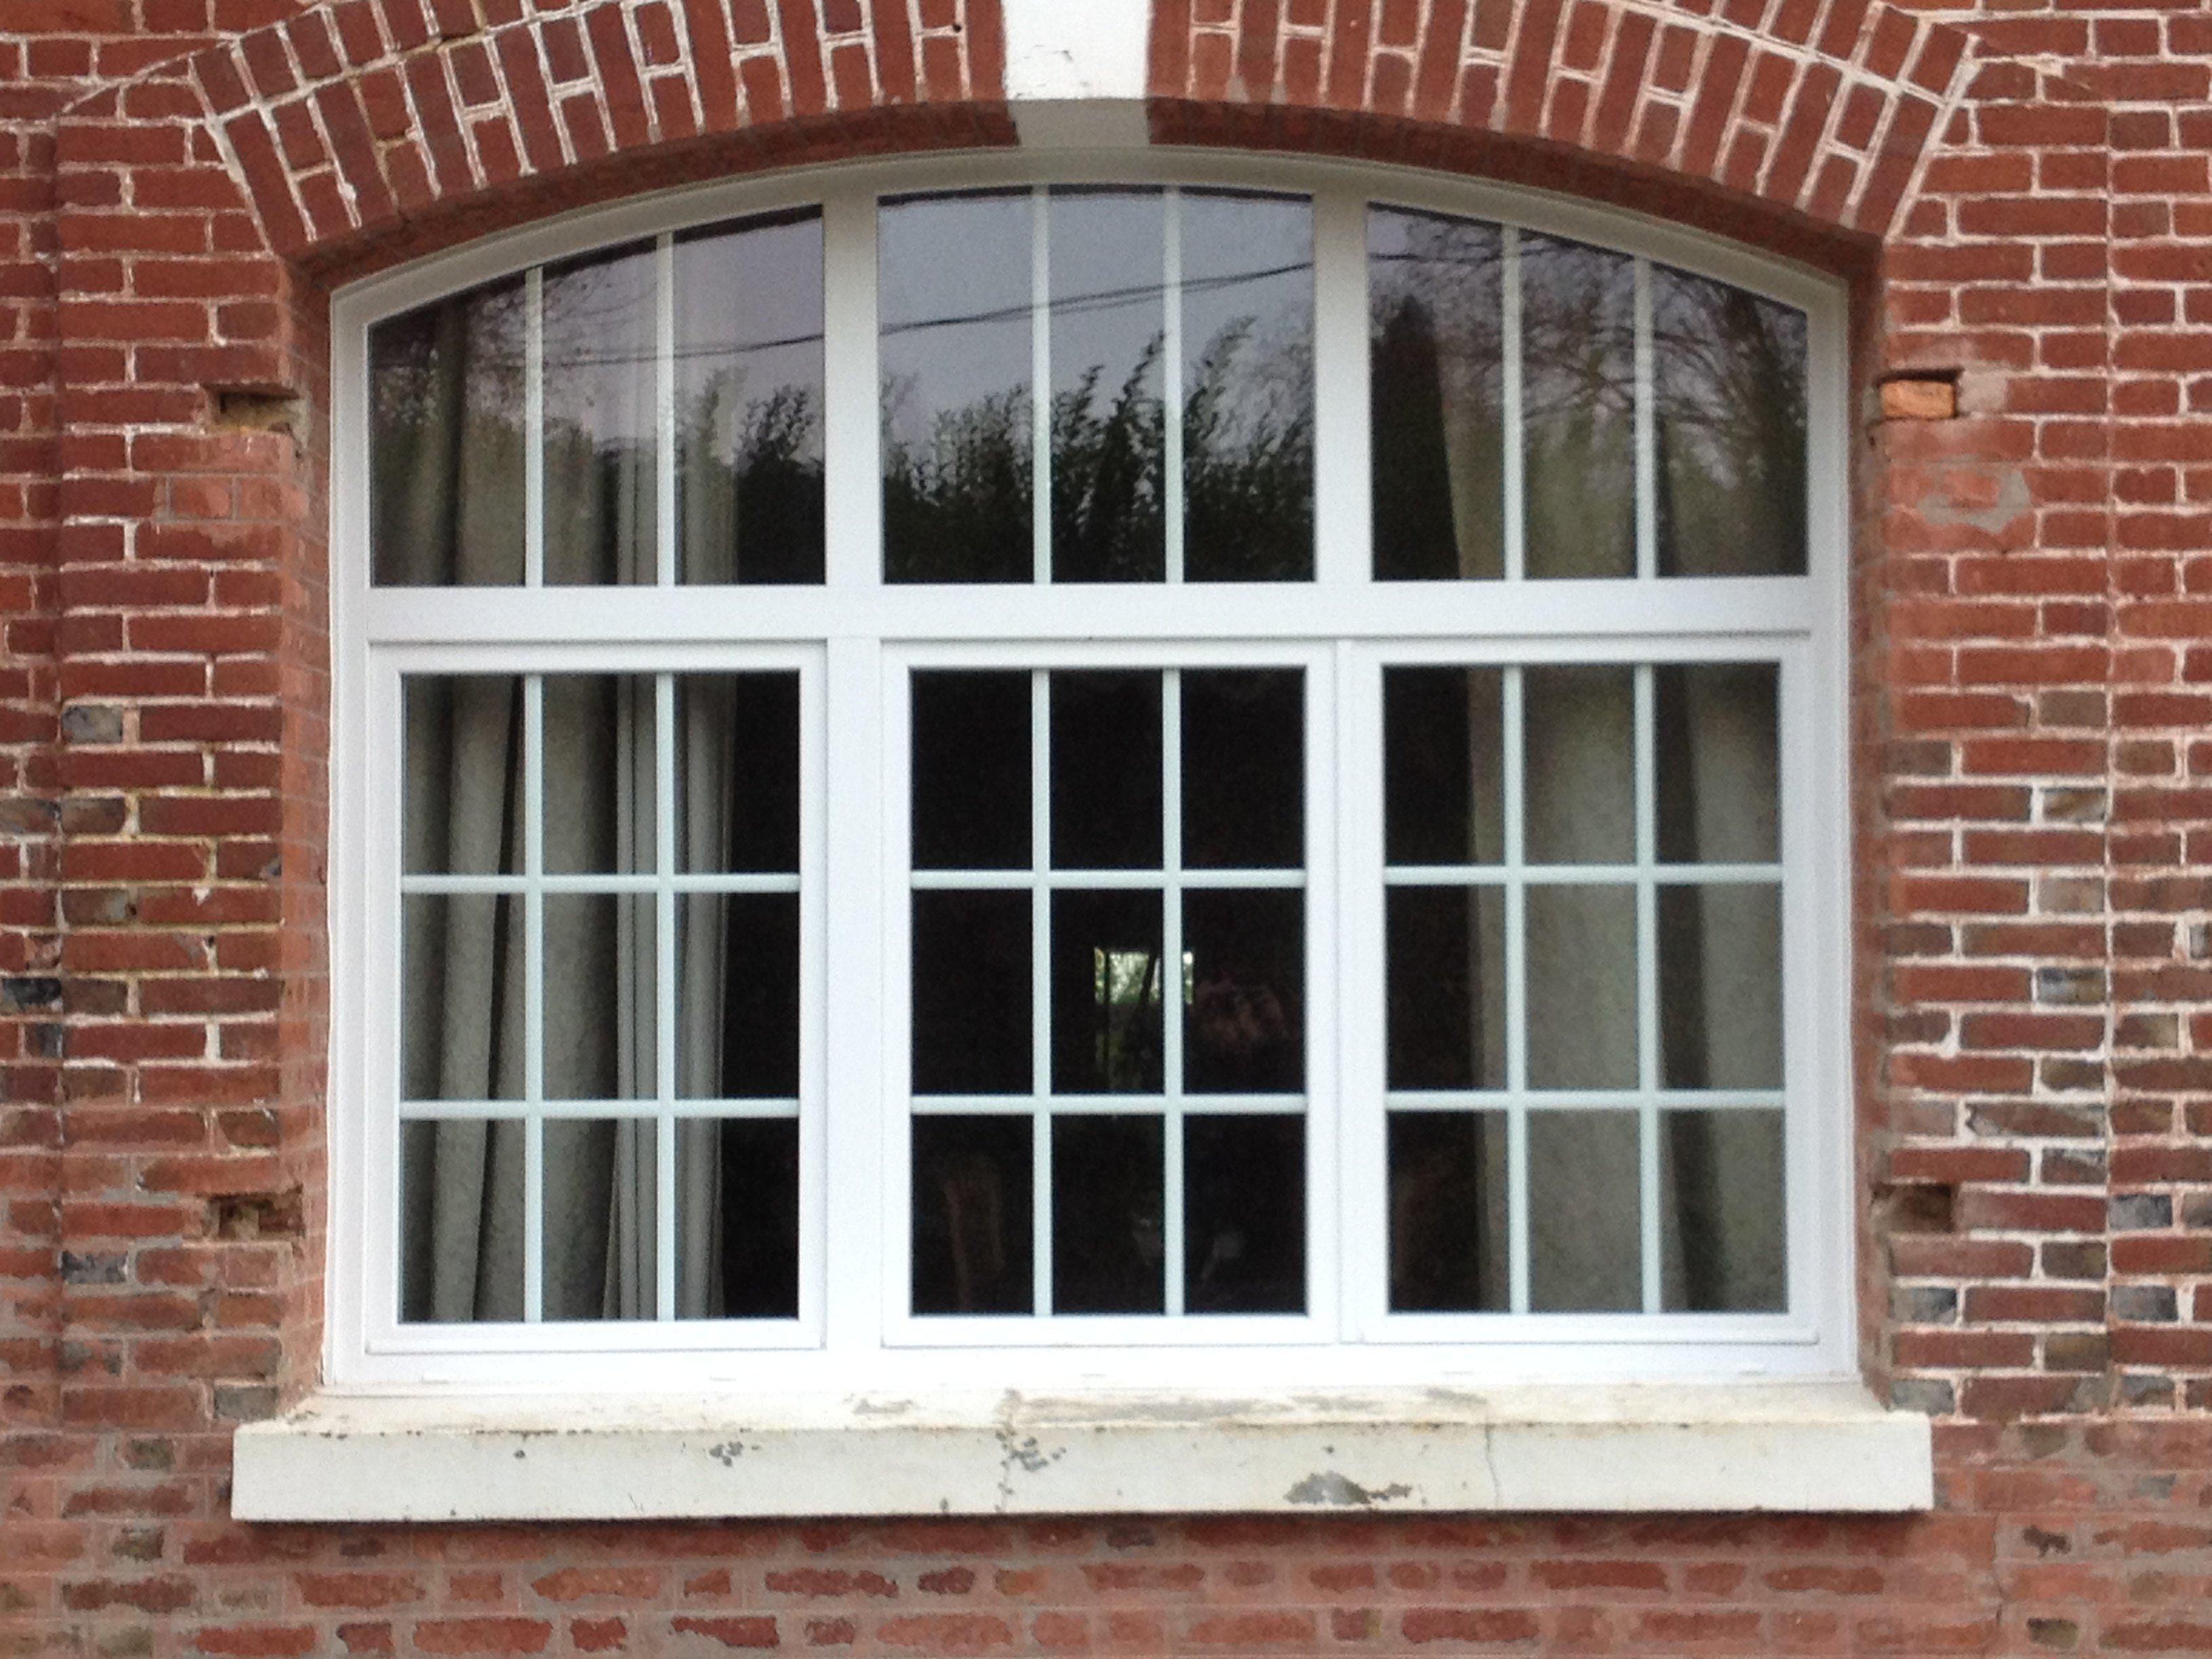 Ch ssis fixe vitr des photos des photos de fond fond d for Chassis vitre fixe en bois